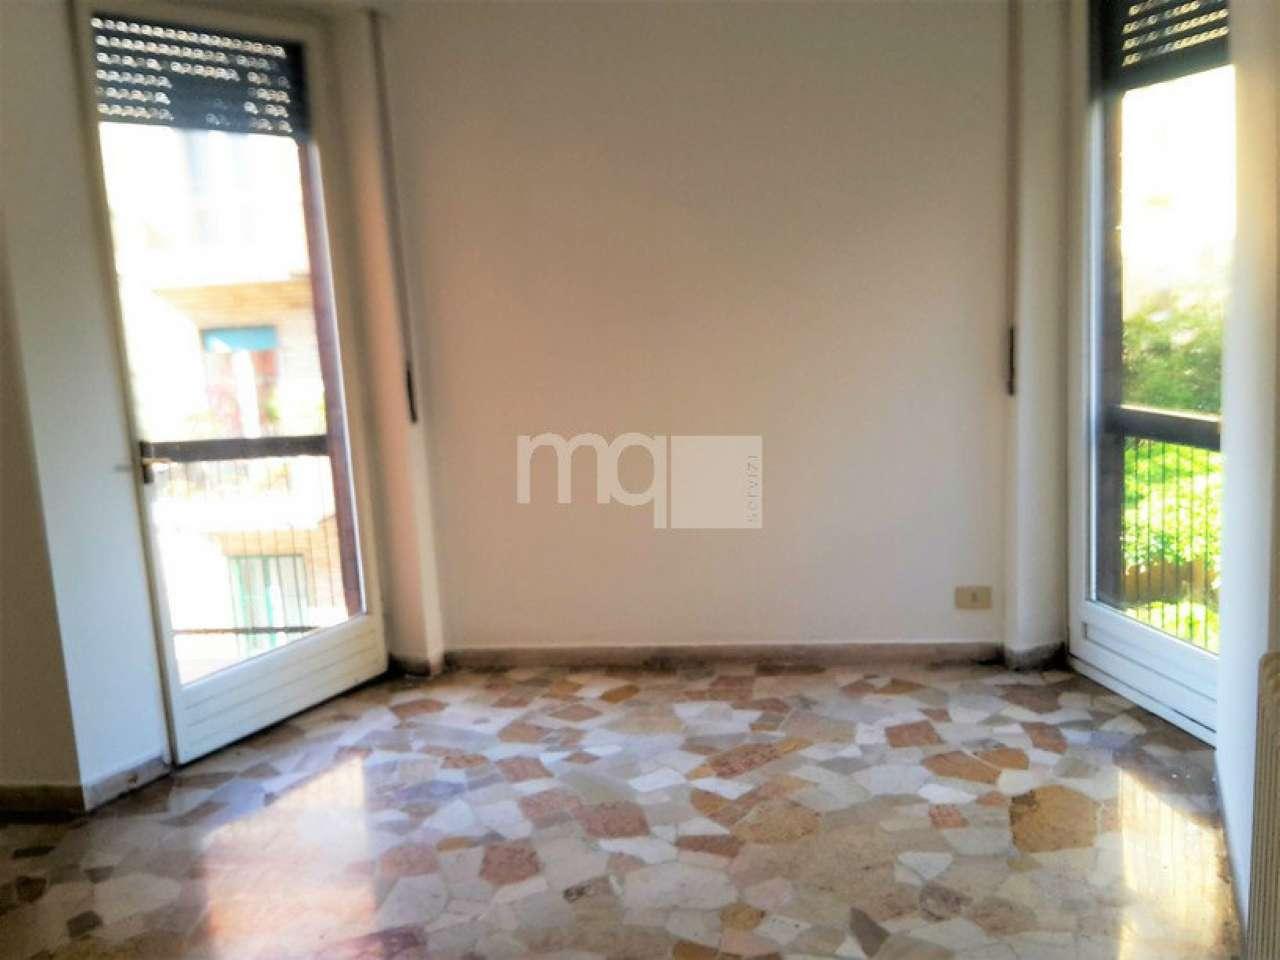 Appartamento in affitto a Milano, 3 locali, zona Zona: 5 . Citta' Studi, Lambrate, Udine, Loreto, Piola, Ortica, prezzo € 1.150   CambioCasa.it